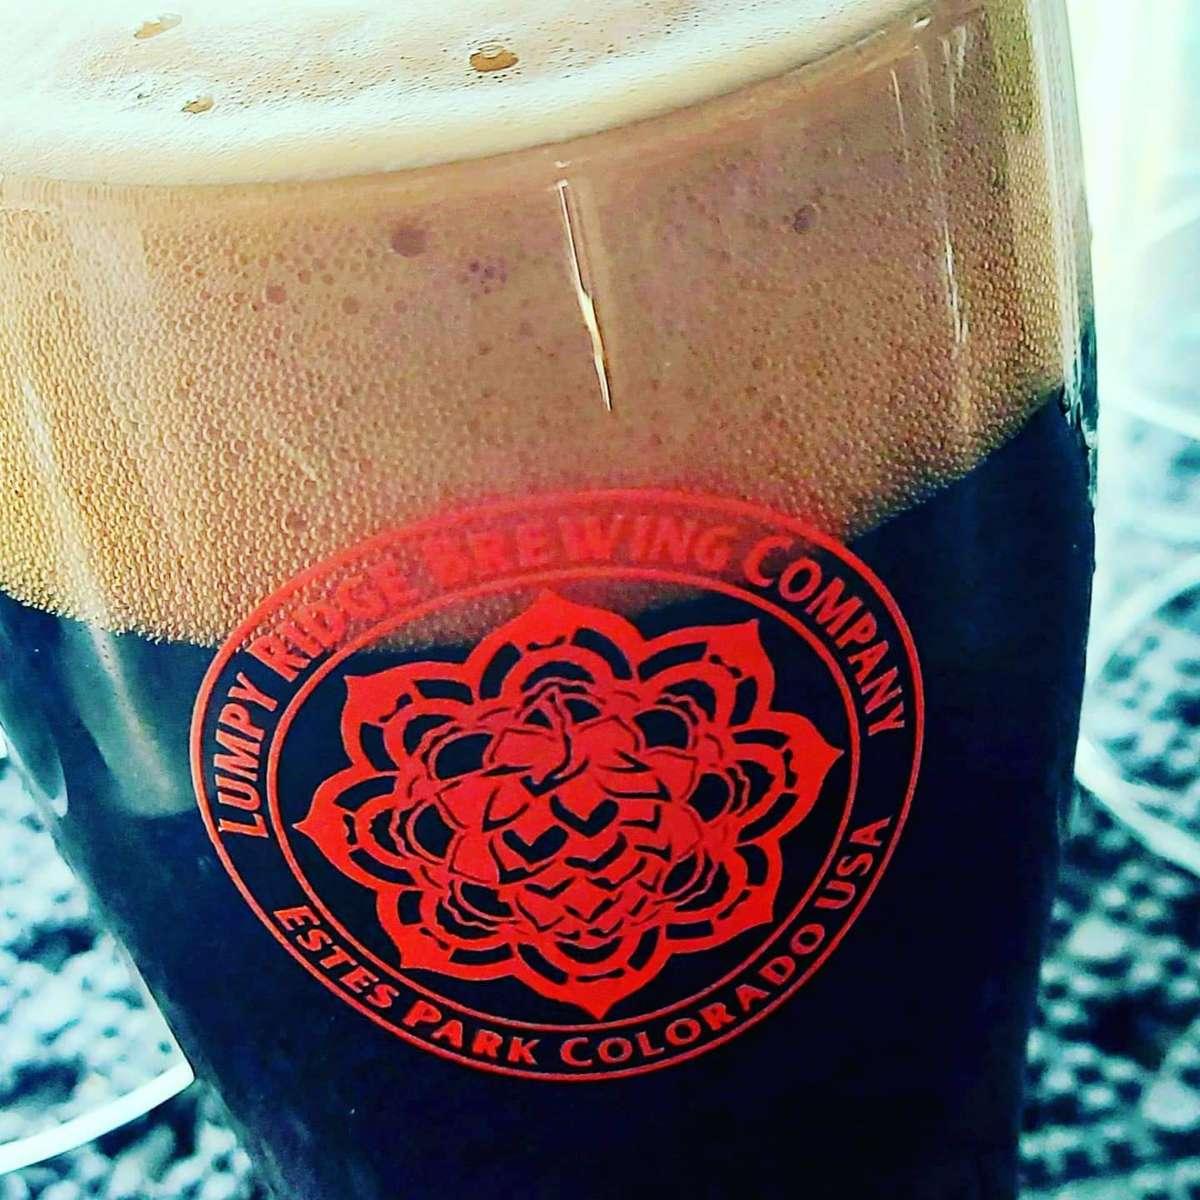 Lumpy Ridge Brewery - sun lion lime / mosaic